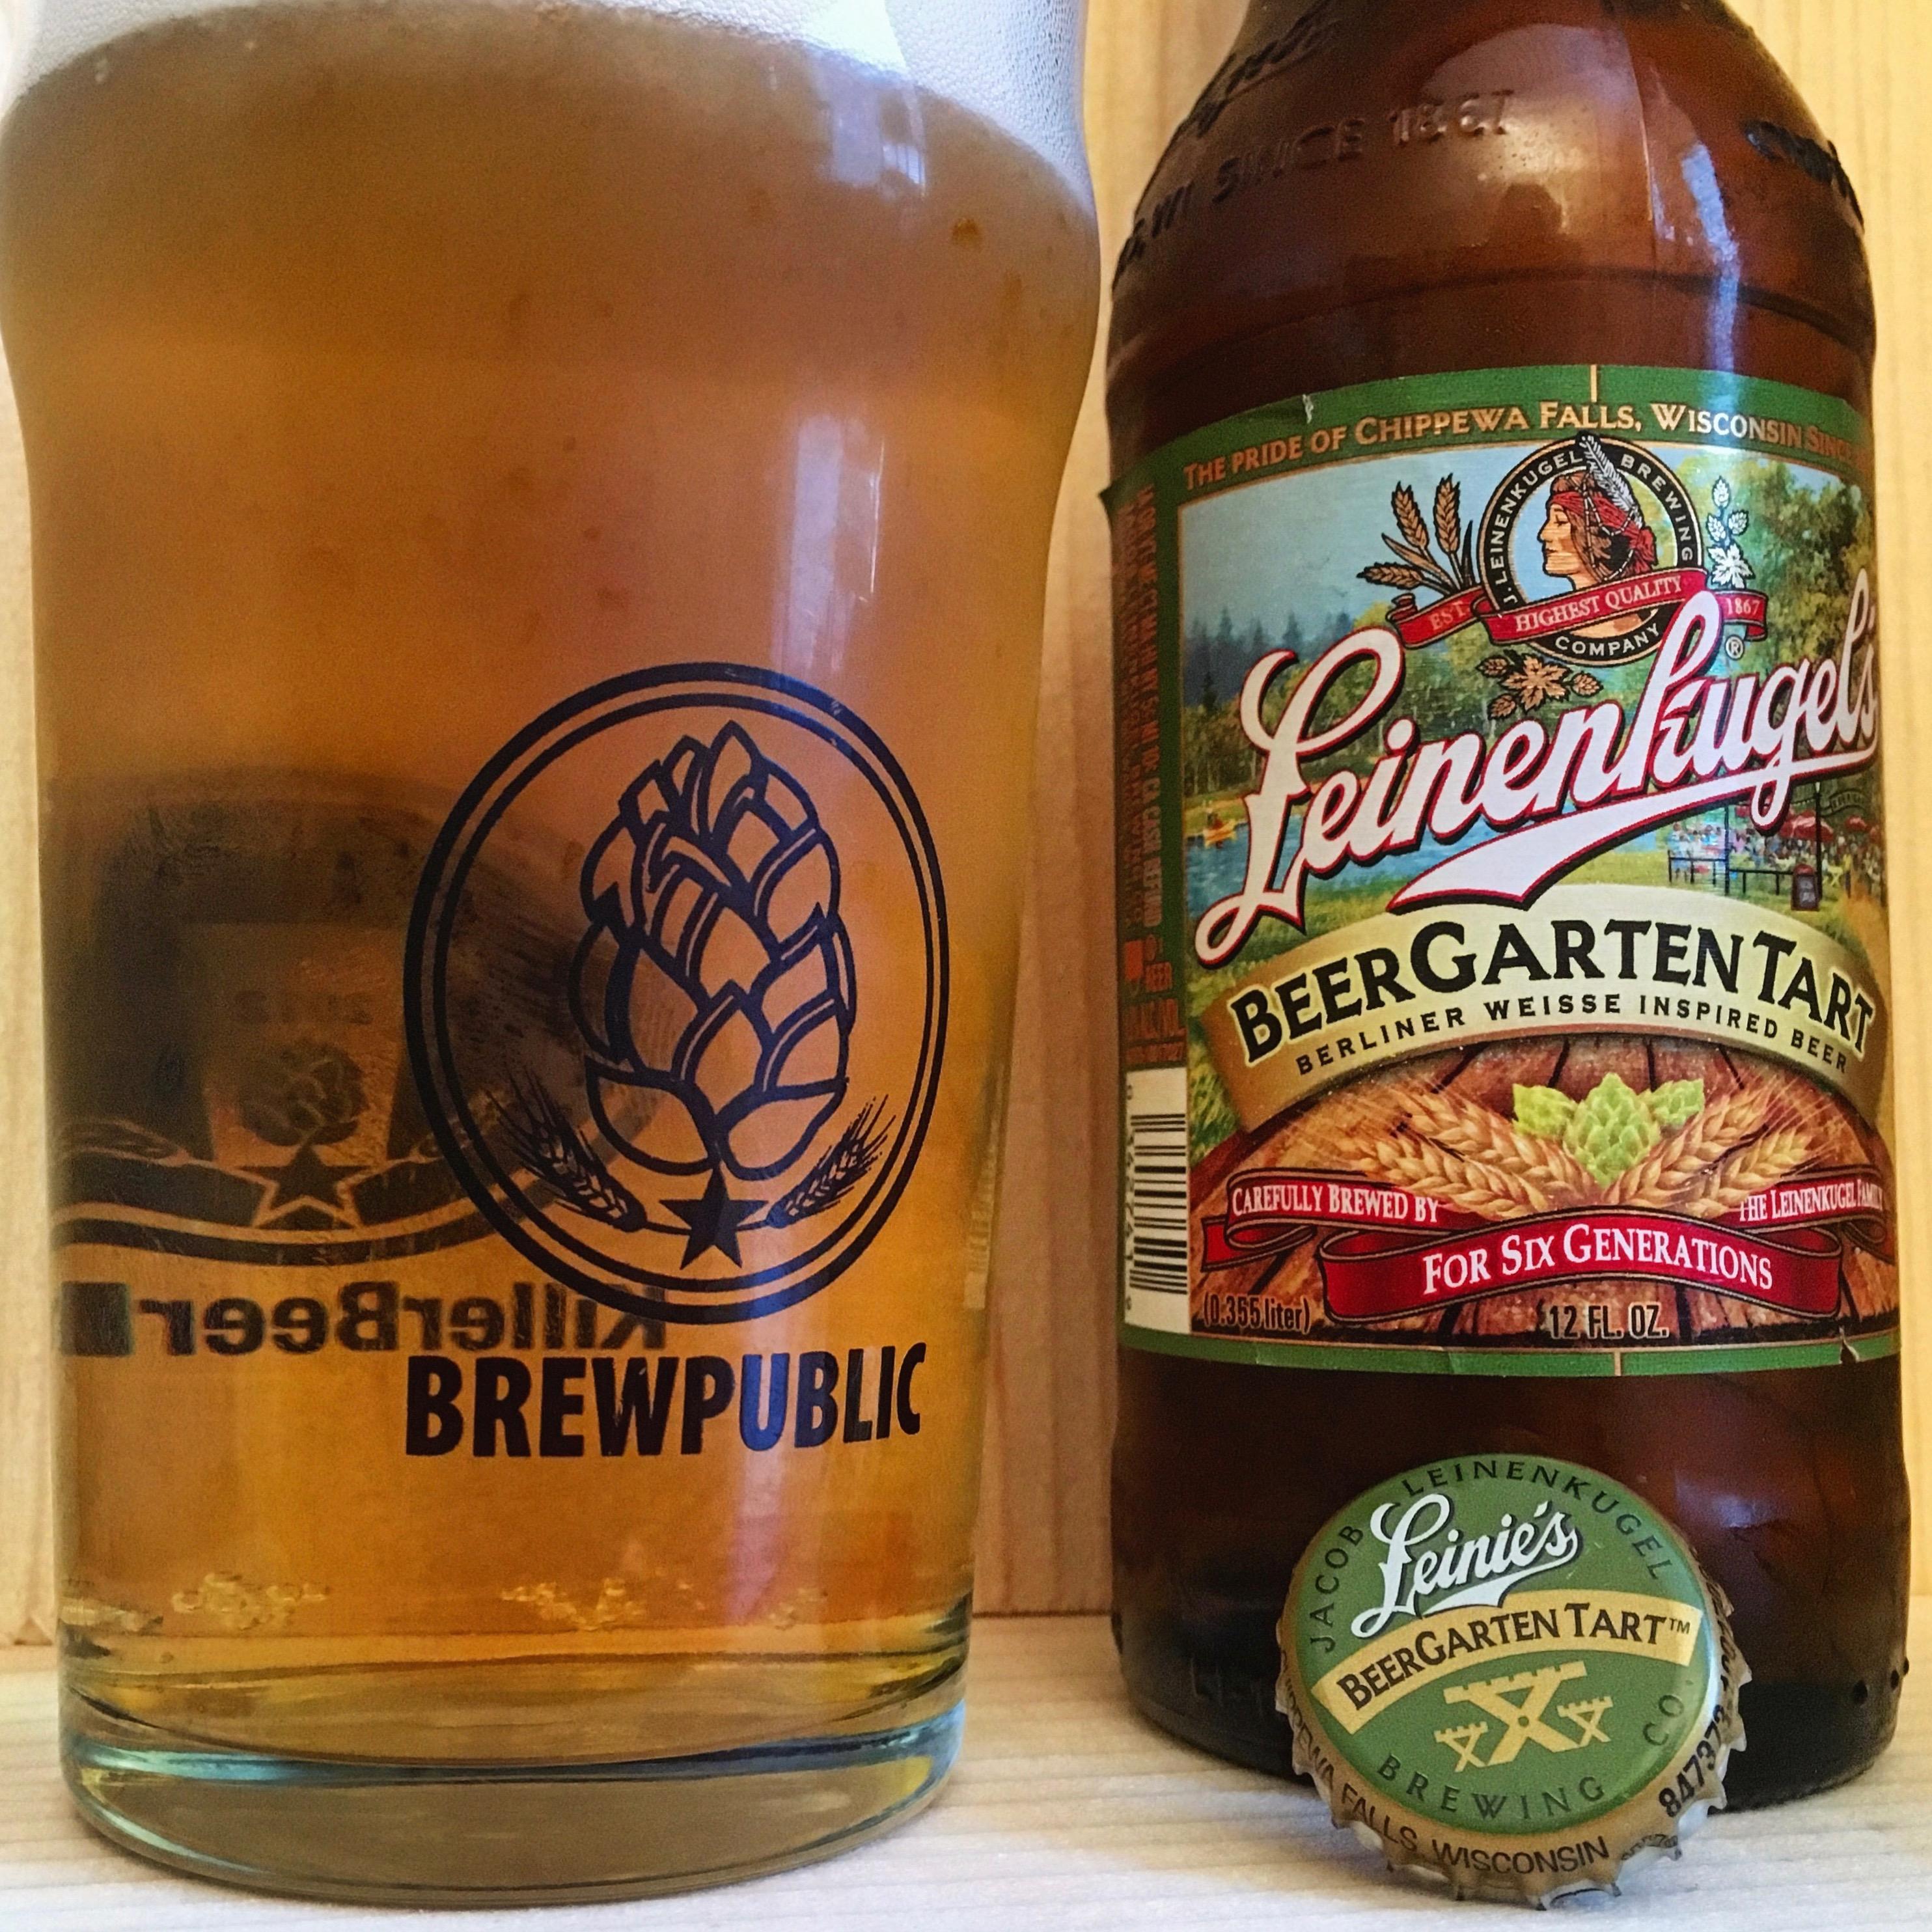 A pour of Leinenkugel's BeerGarten Tart in a Brewpublic glass.